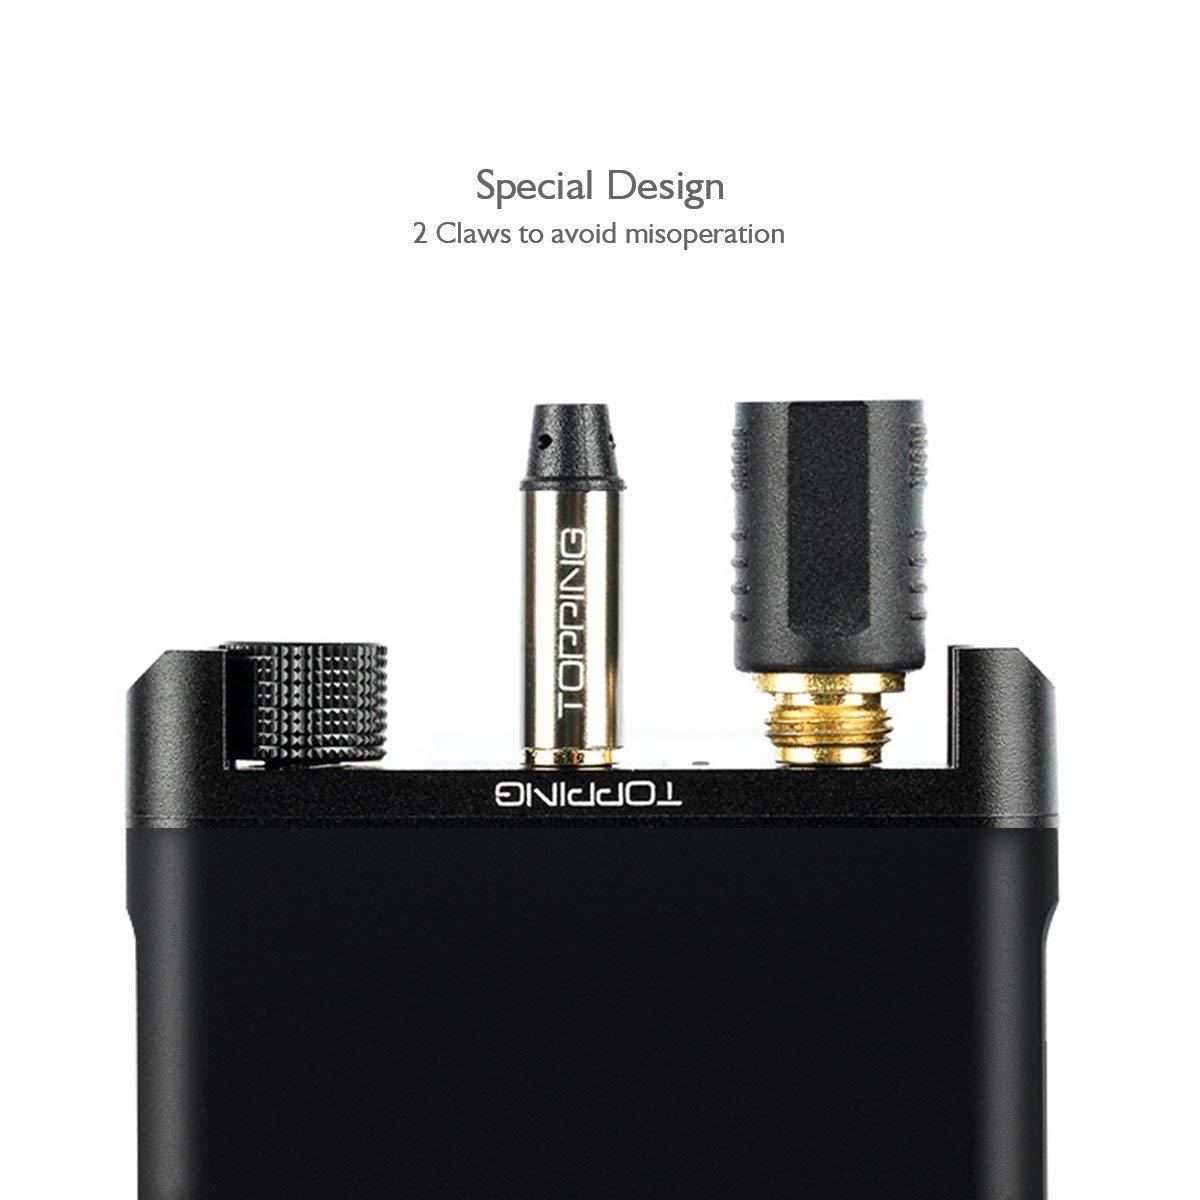 FiiO Fujiyama E06 tragbarer Kopfh/örer Verst/ärker 3.5 mm Stereo Jack, Schwarz